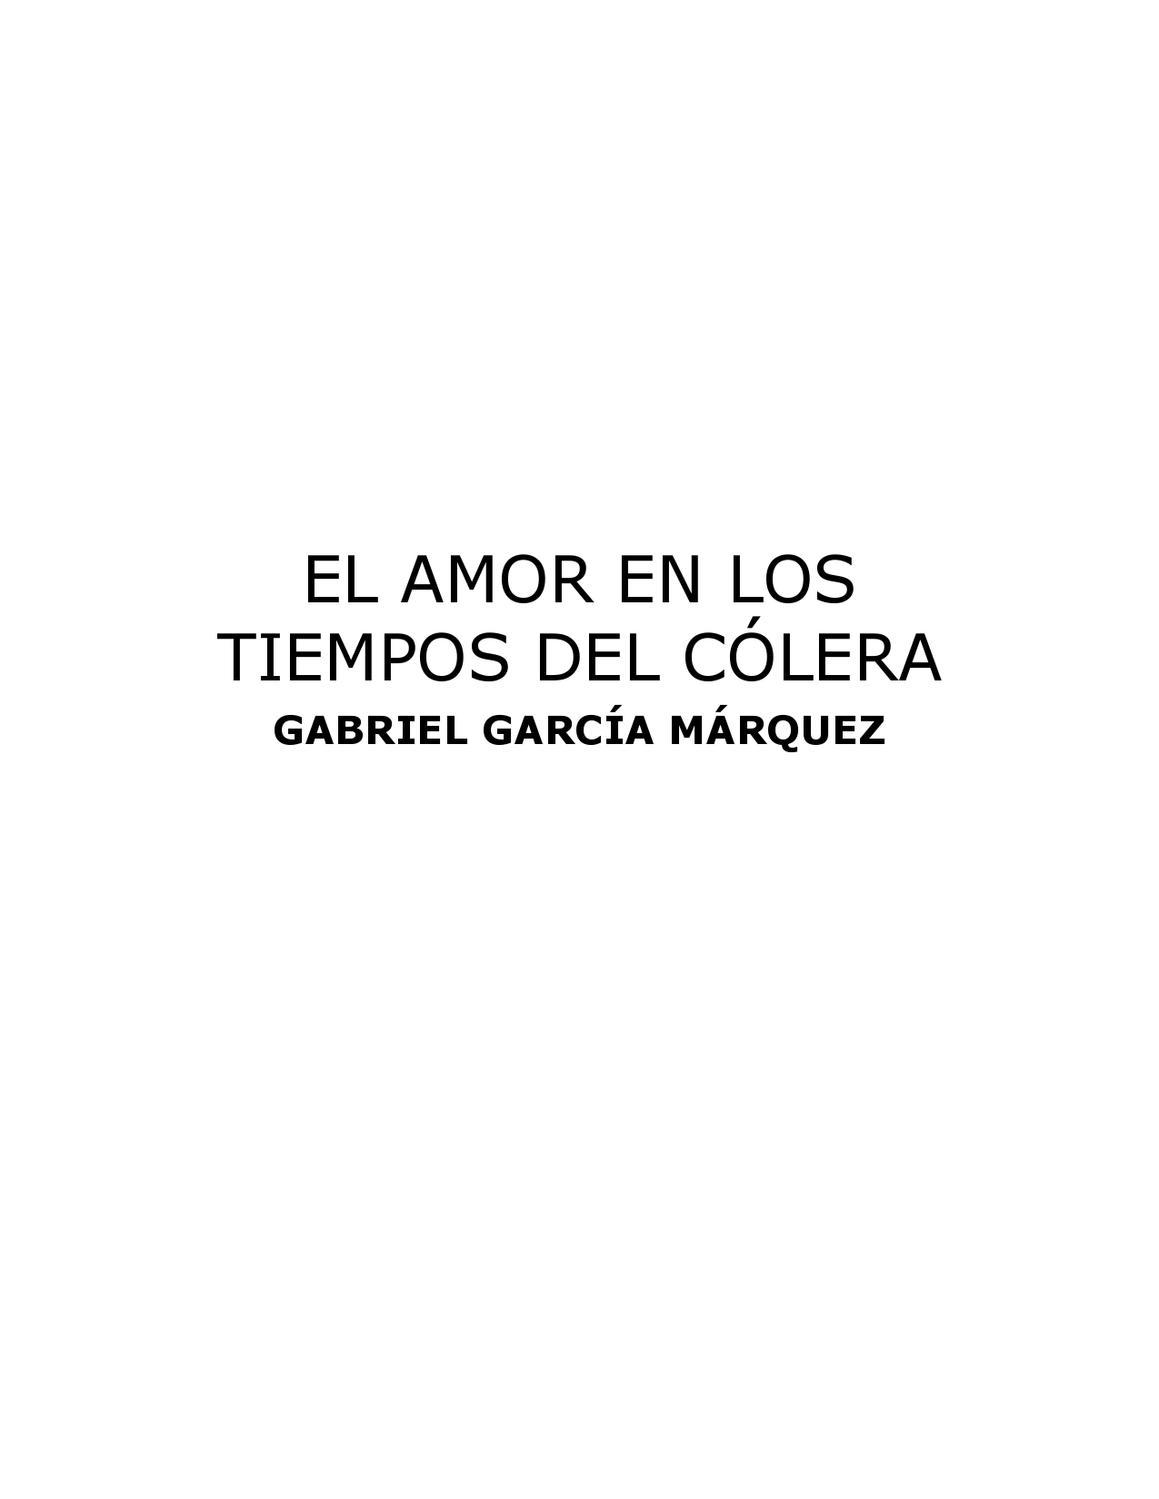 el amor en los tiempos del colera by Delia Castro Véliz - issuu